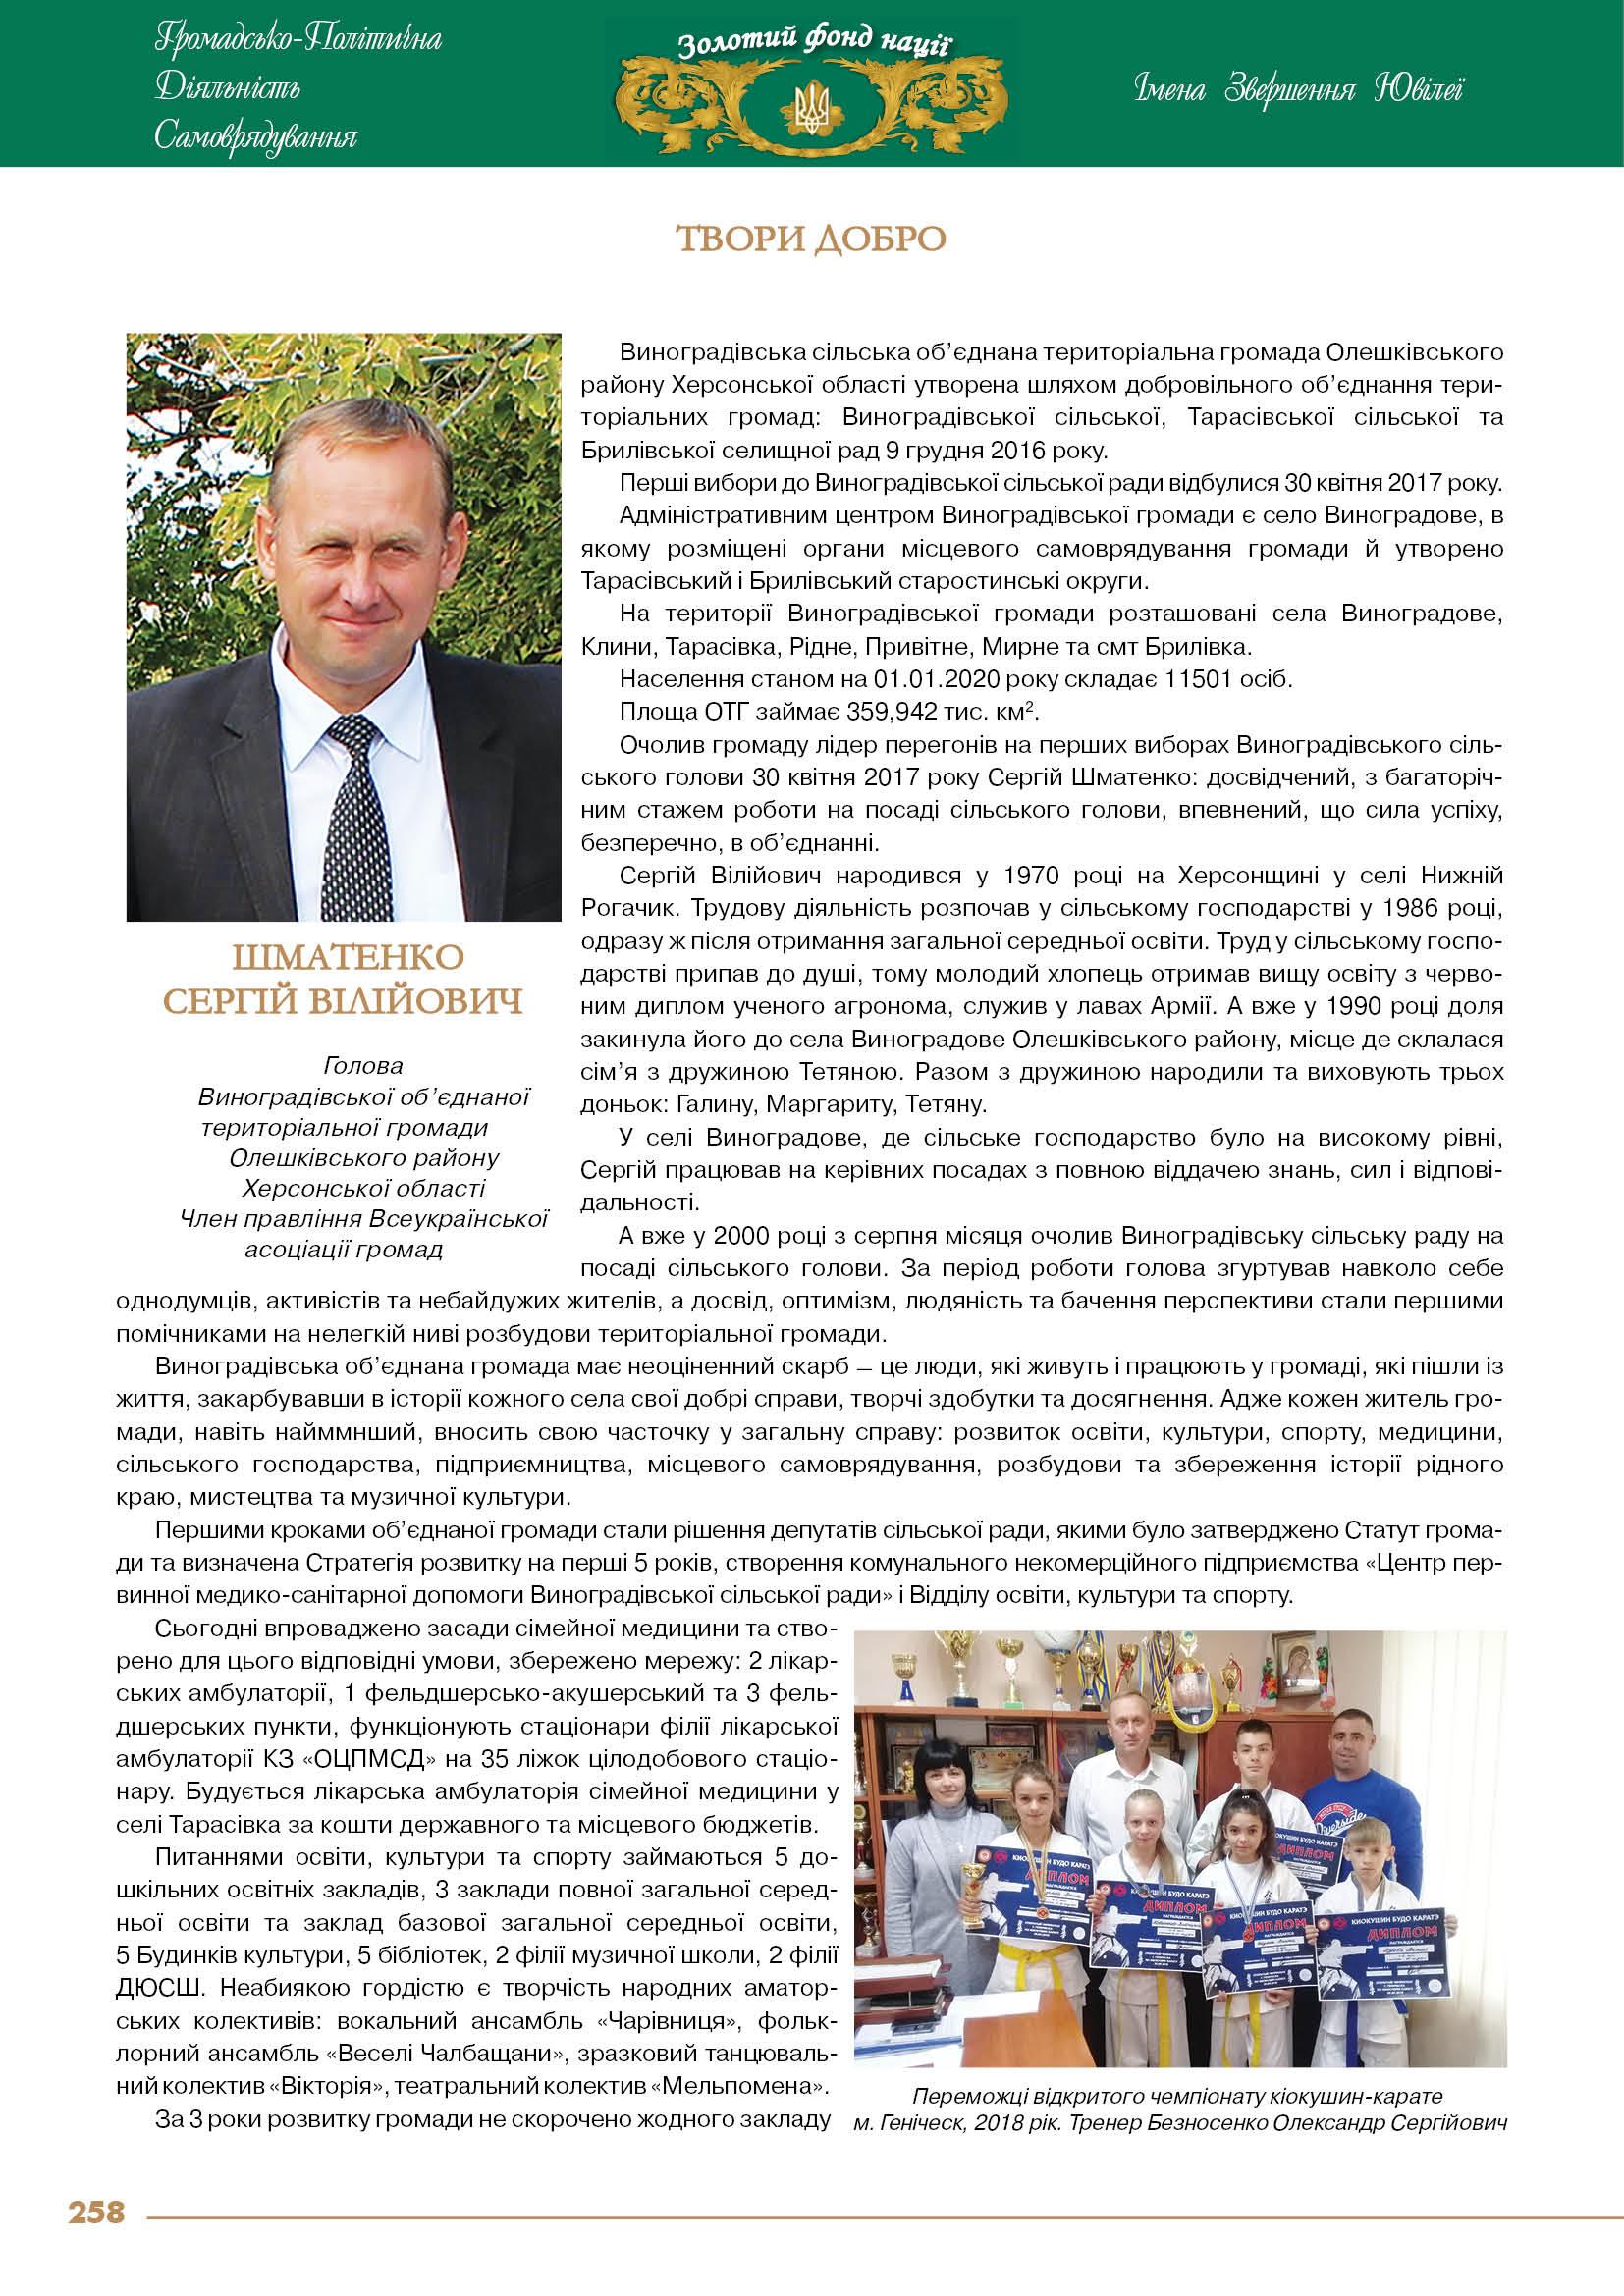 Шматенко Сергій Вілійович